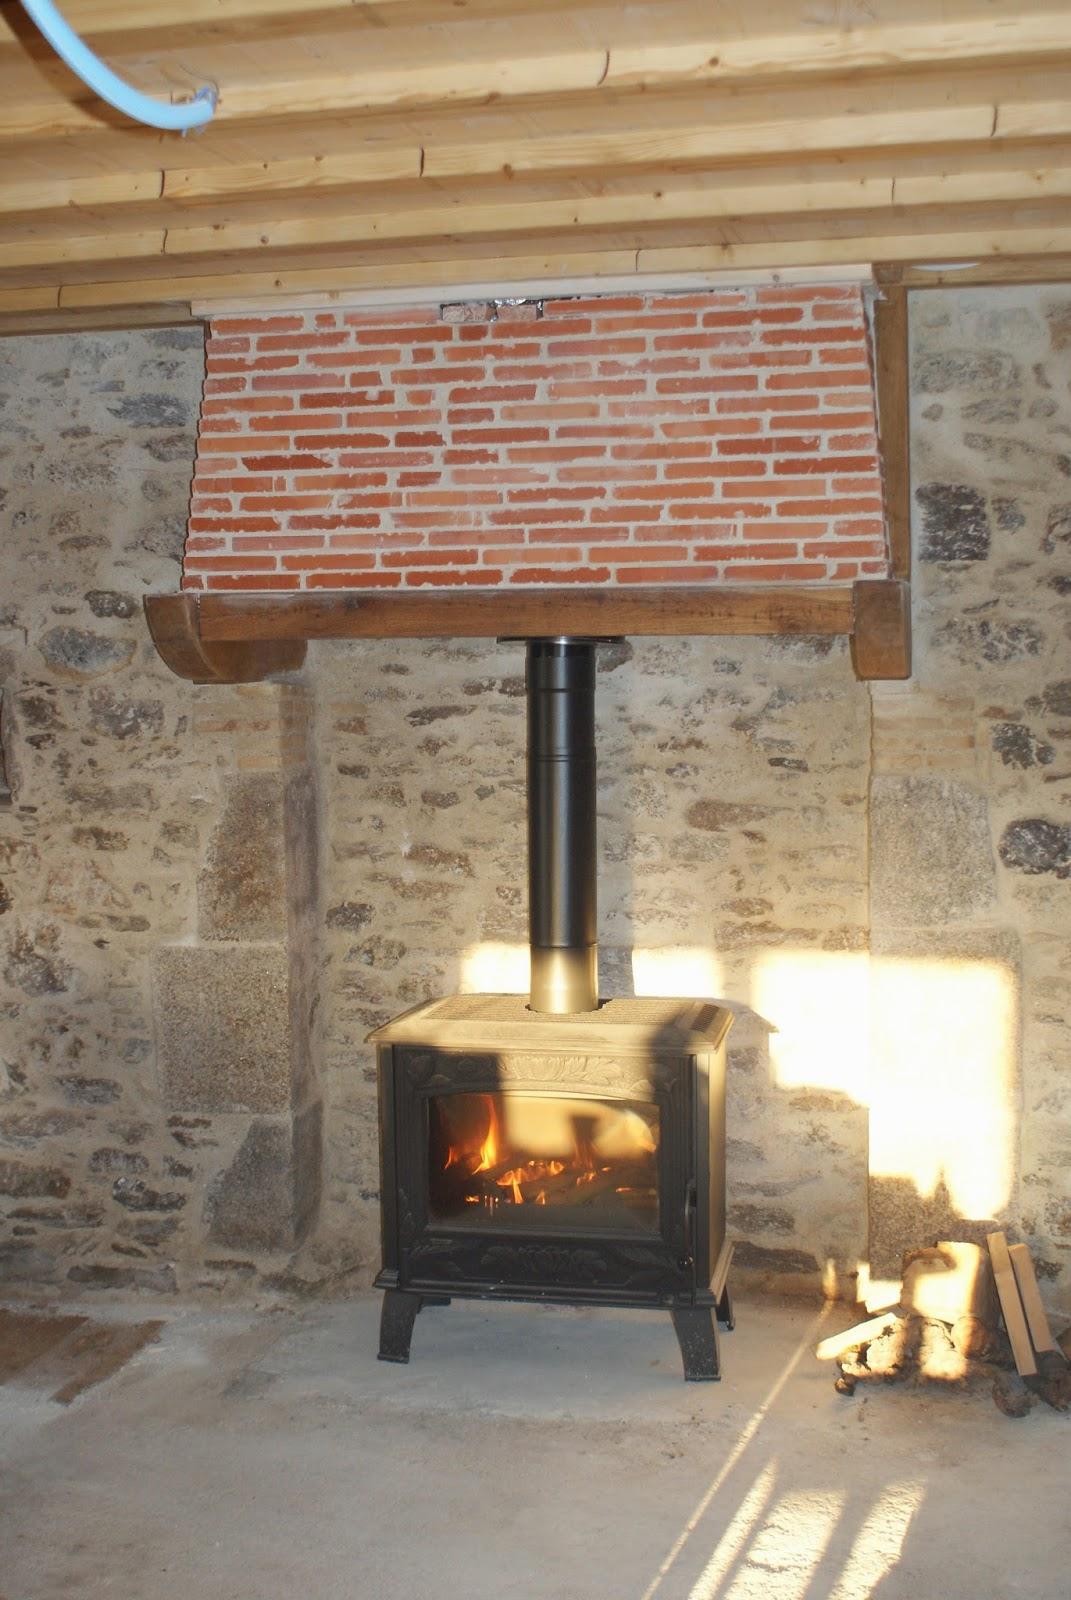 Réhabilitation d'une ancienne maison en pierre: Plafond - cloison - portes - poele à bois - cheminée